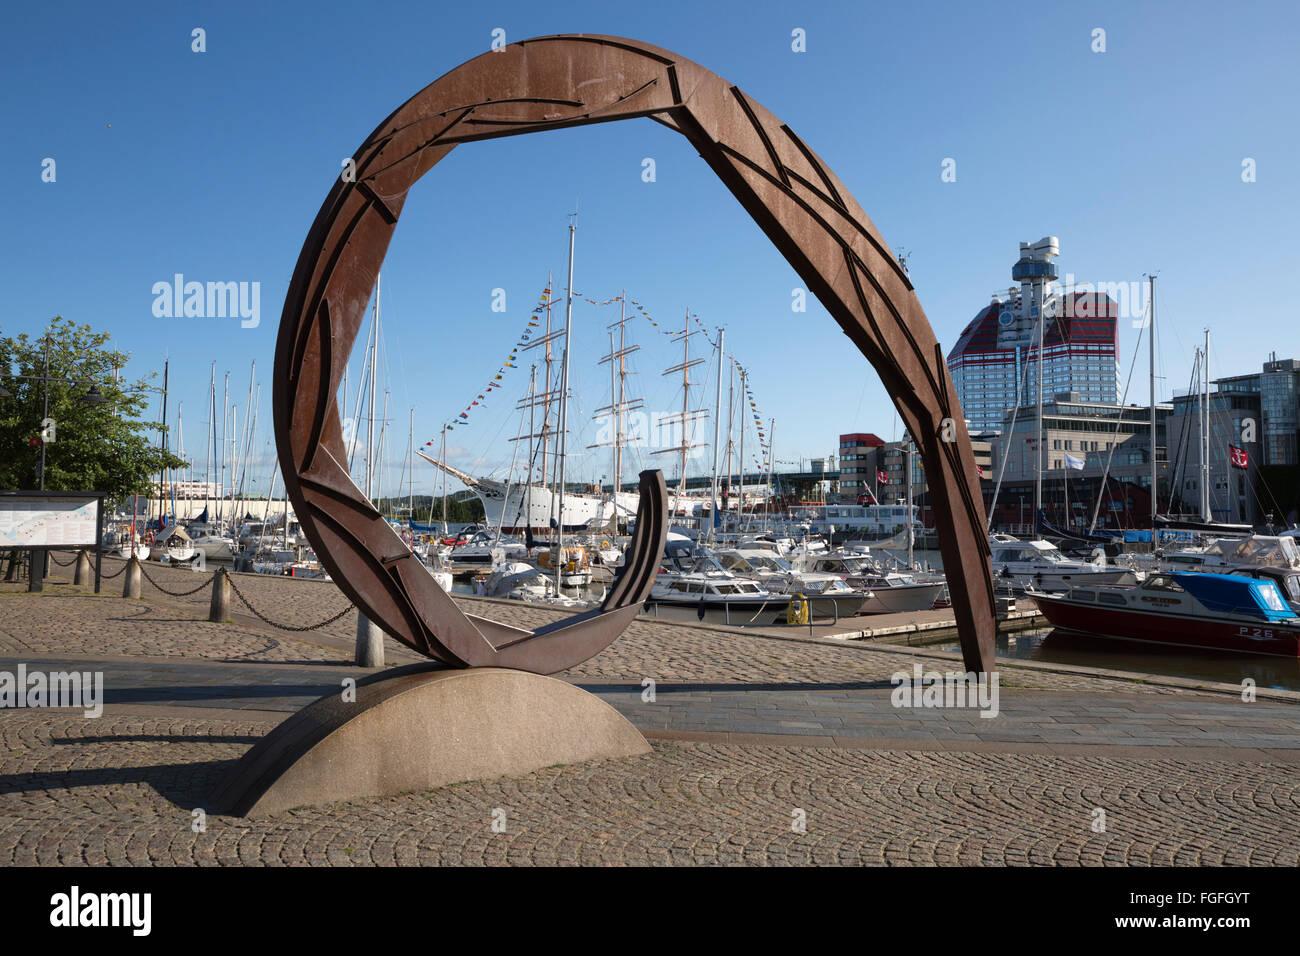 Lilla Bommen Göteborgs-Utkiken Harbour y el edificio (el pintalabios), Gotemburgo, West Gothland, Suecia, Escandinavia, Europa Foto de stock